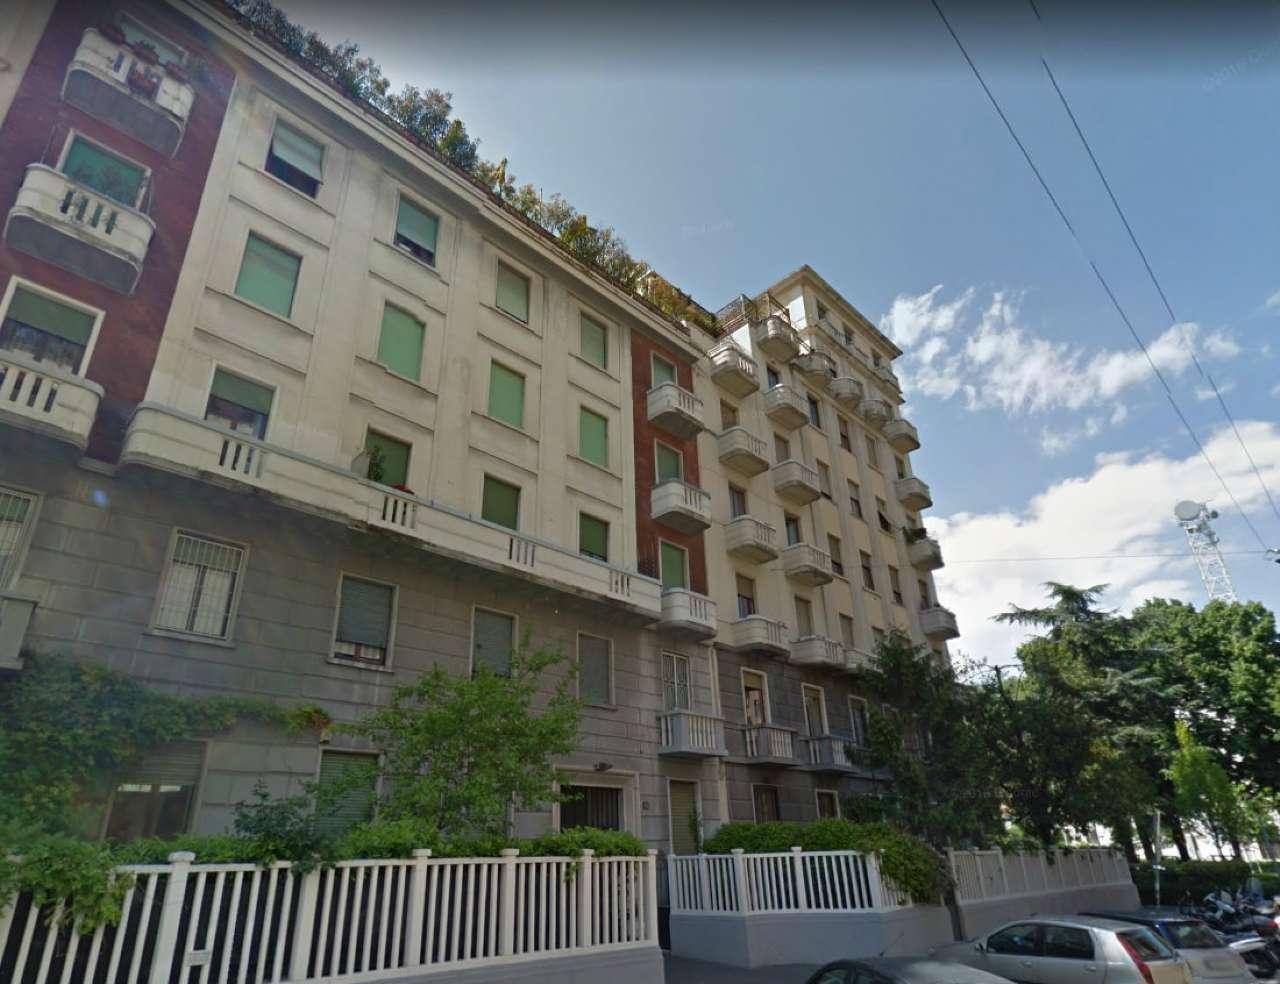 Appartamento in vendita a Milano, 6 locali, zona Zona: 4 . Buenos Aires, Indipendenza, P.ta Venezia, Regina Giovanna, Dateo, prezzo € 850.000 | Cambio Casa.it